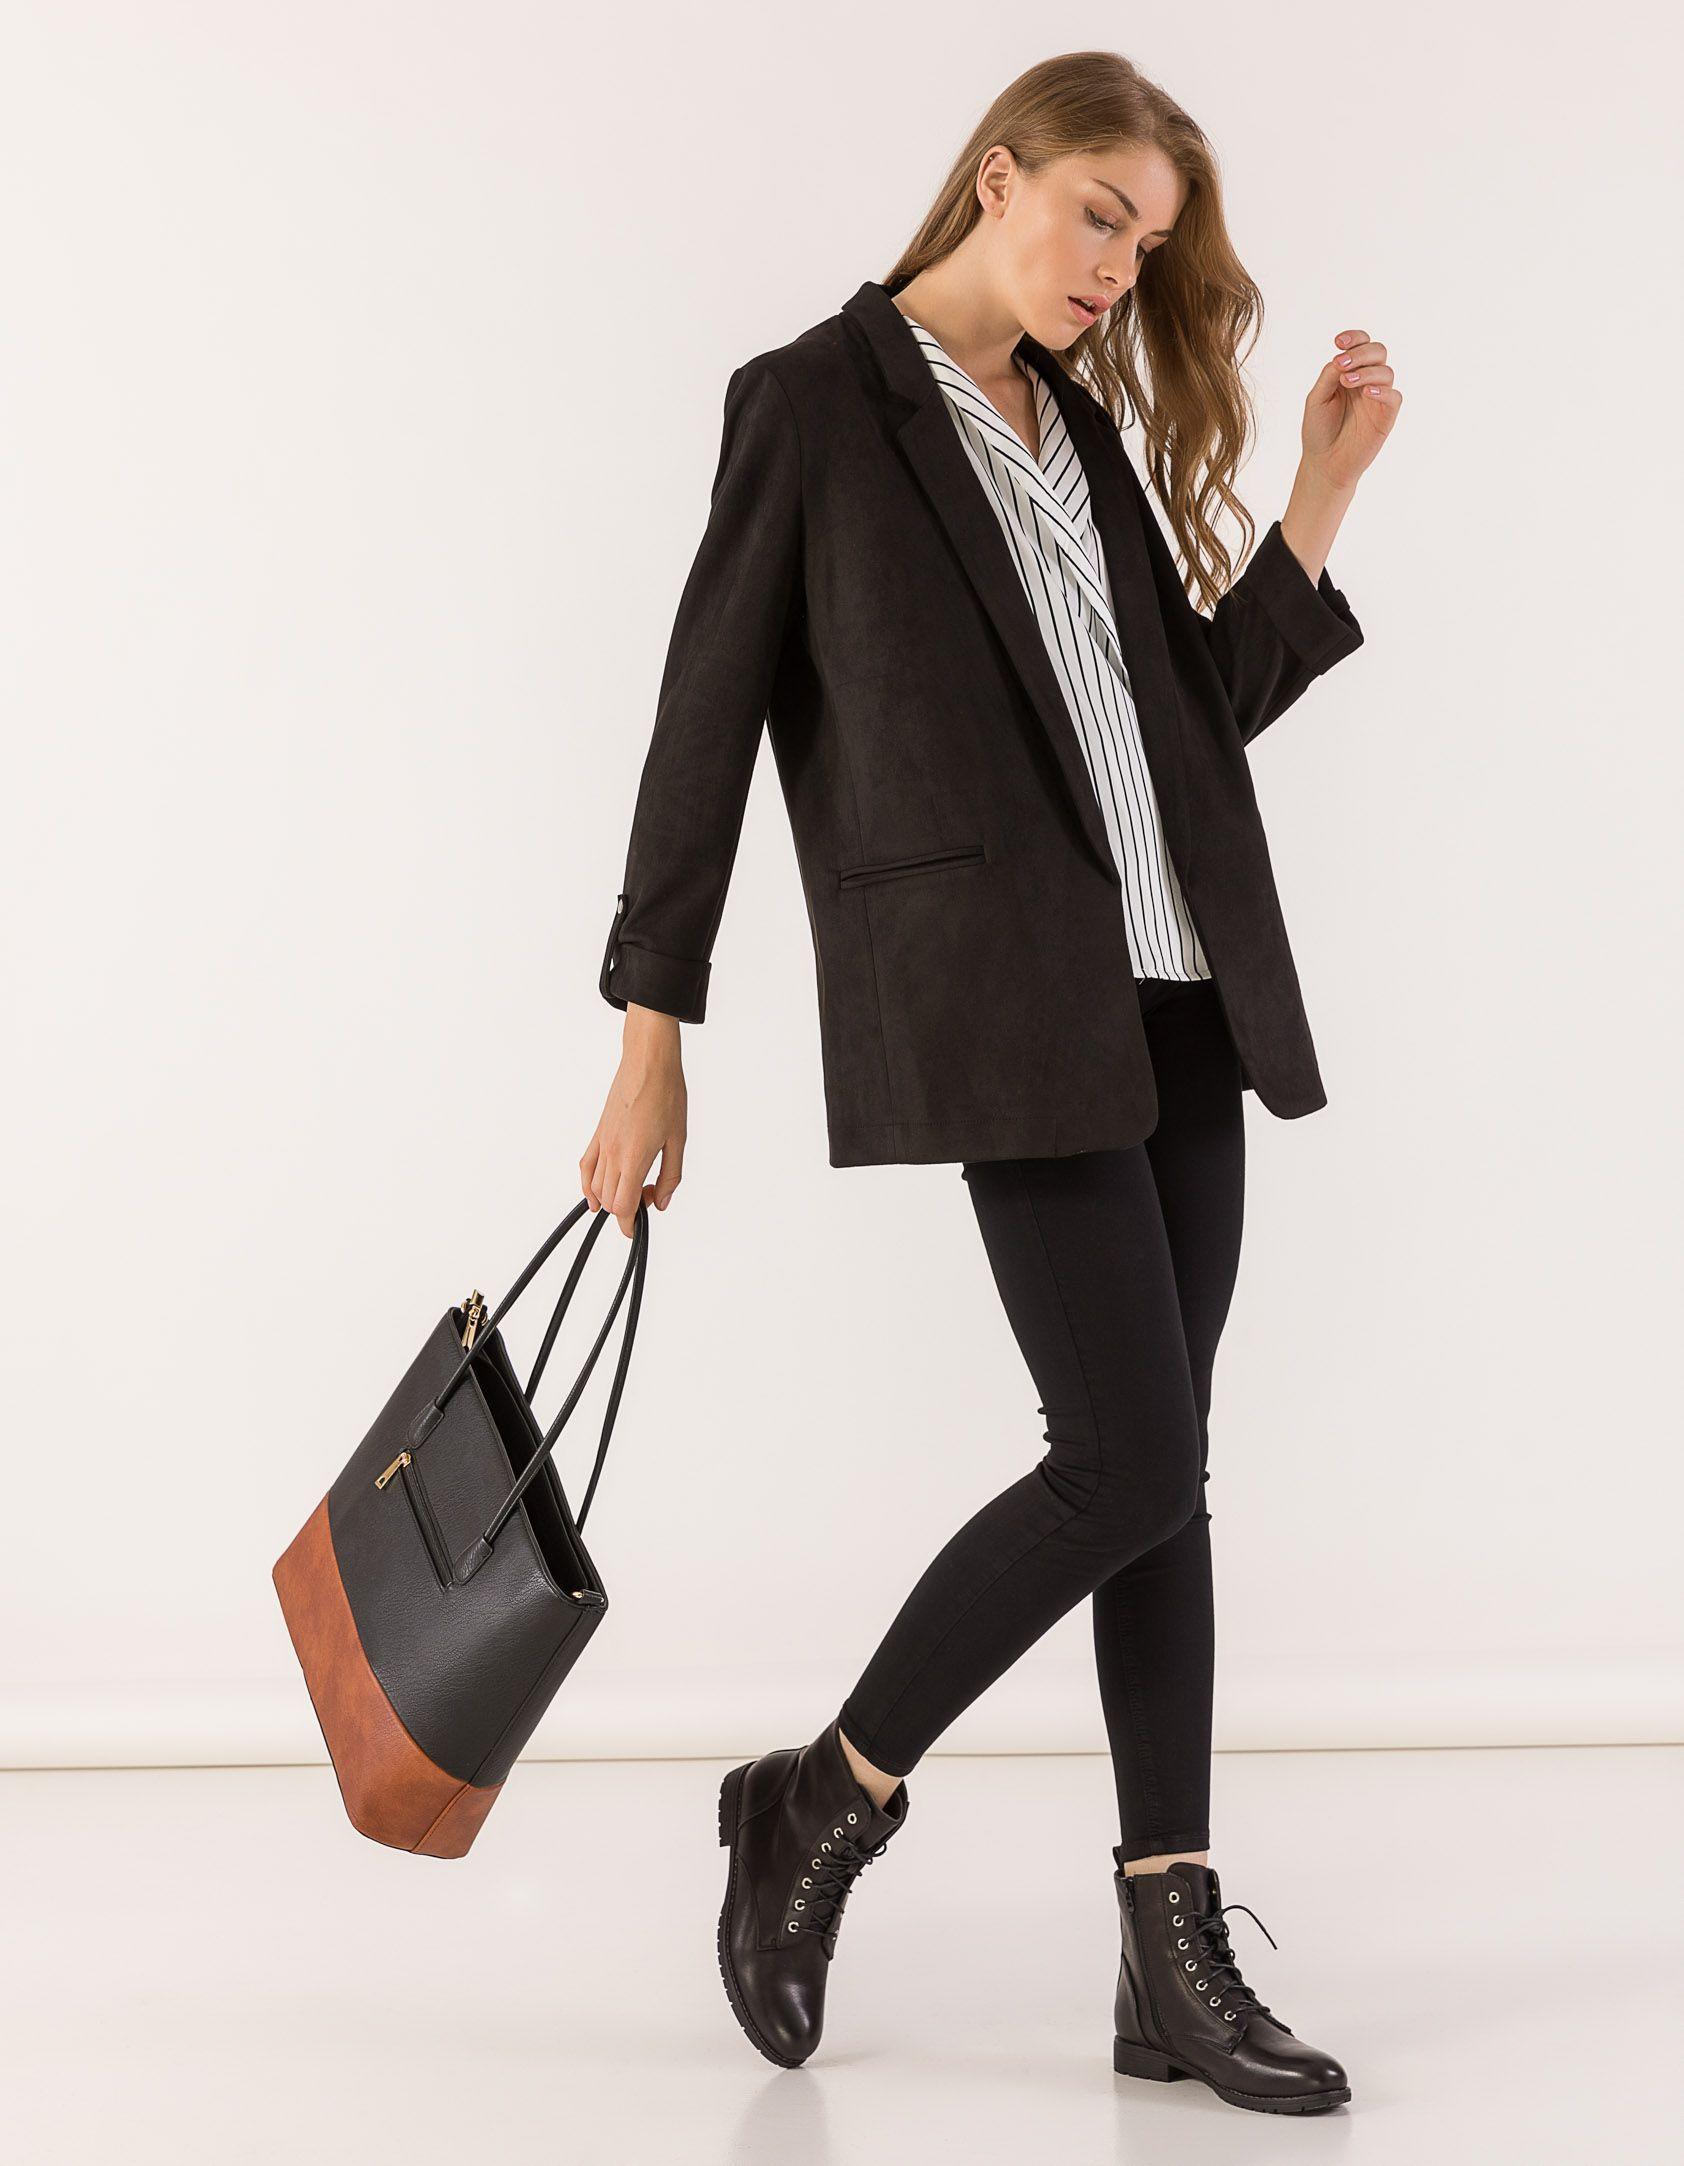 e4c3b56a0d7 Stay stylish! 💜 Πανέμορφο σακάκι απο τα Issue, με suede υφή και γυρισμένα  μανίκια